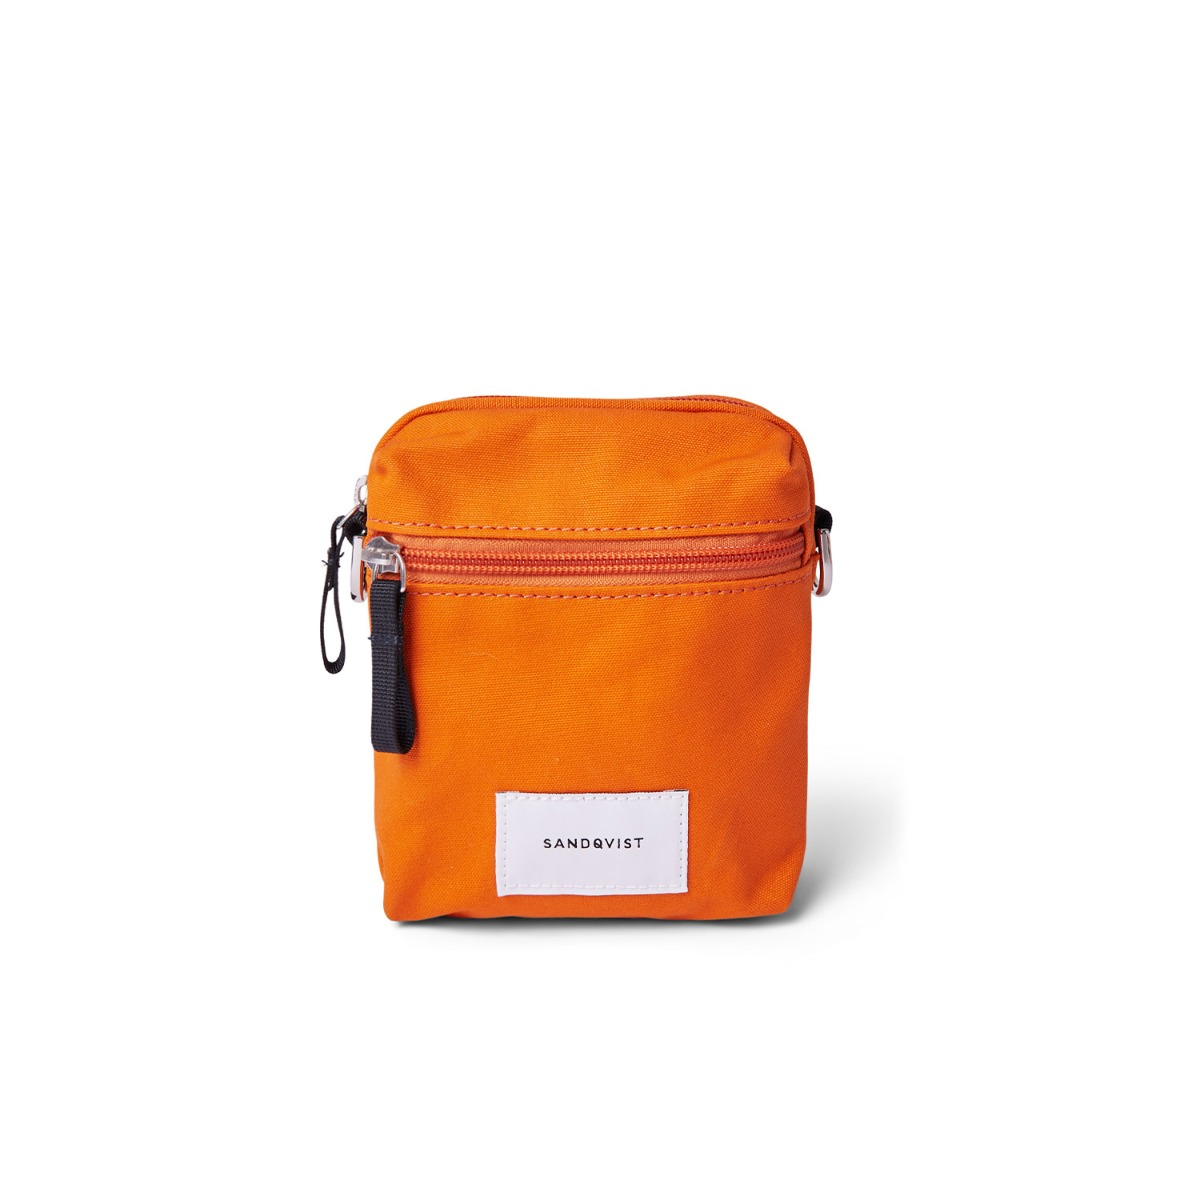 Sandqvist Axelväska Sixten Vegan Orange